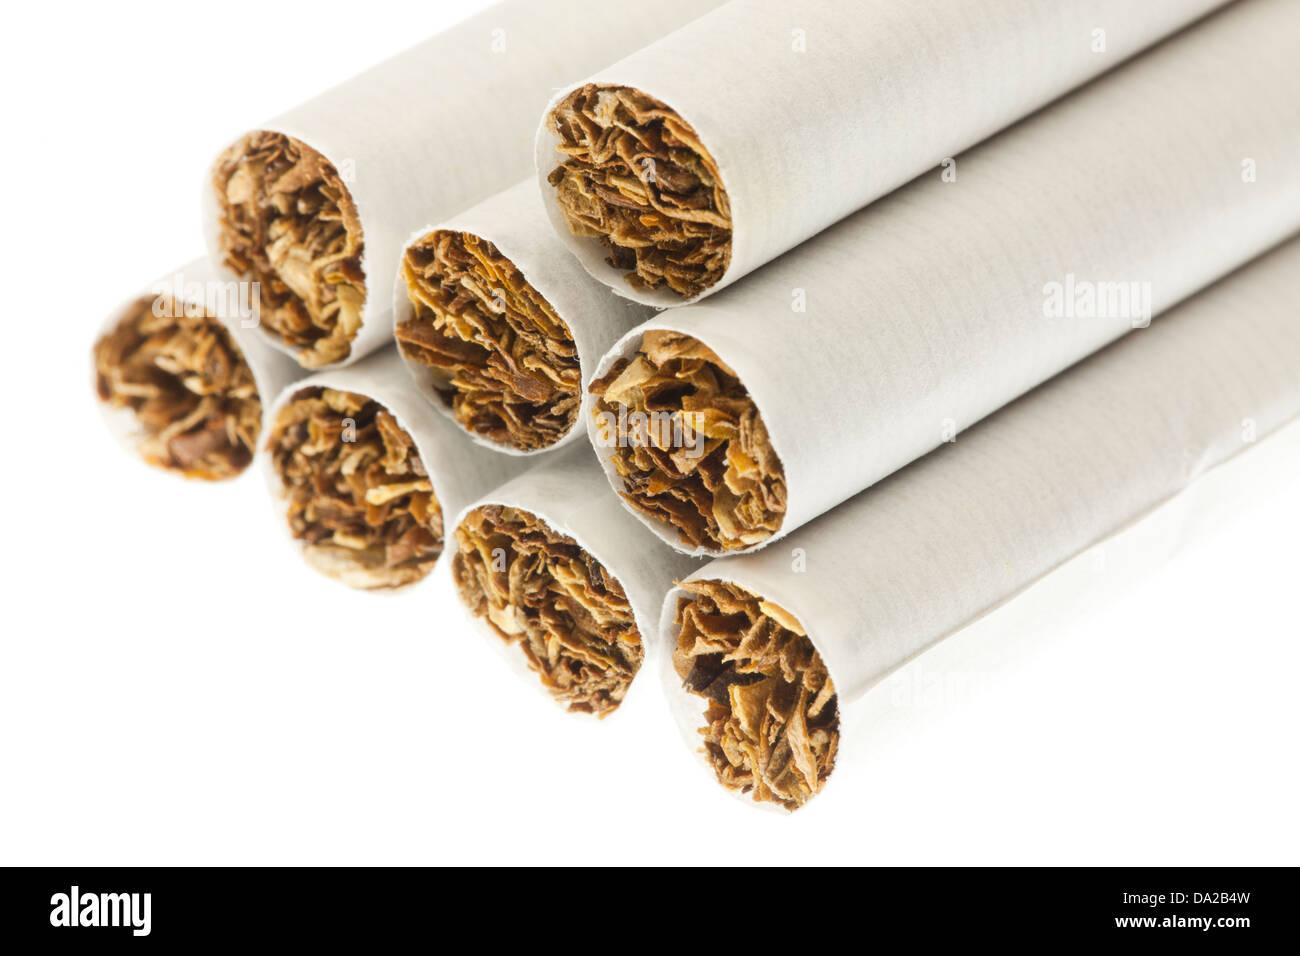 Cigarettes closeup on white ( tobacco cigarette, tobacco cigarettes ) - USA - Stock Image